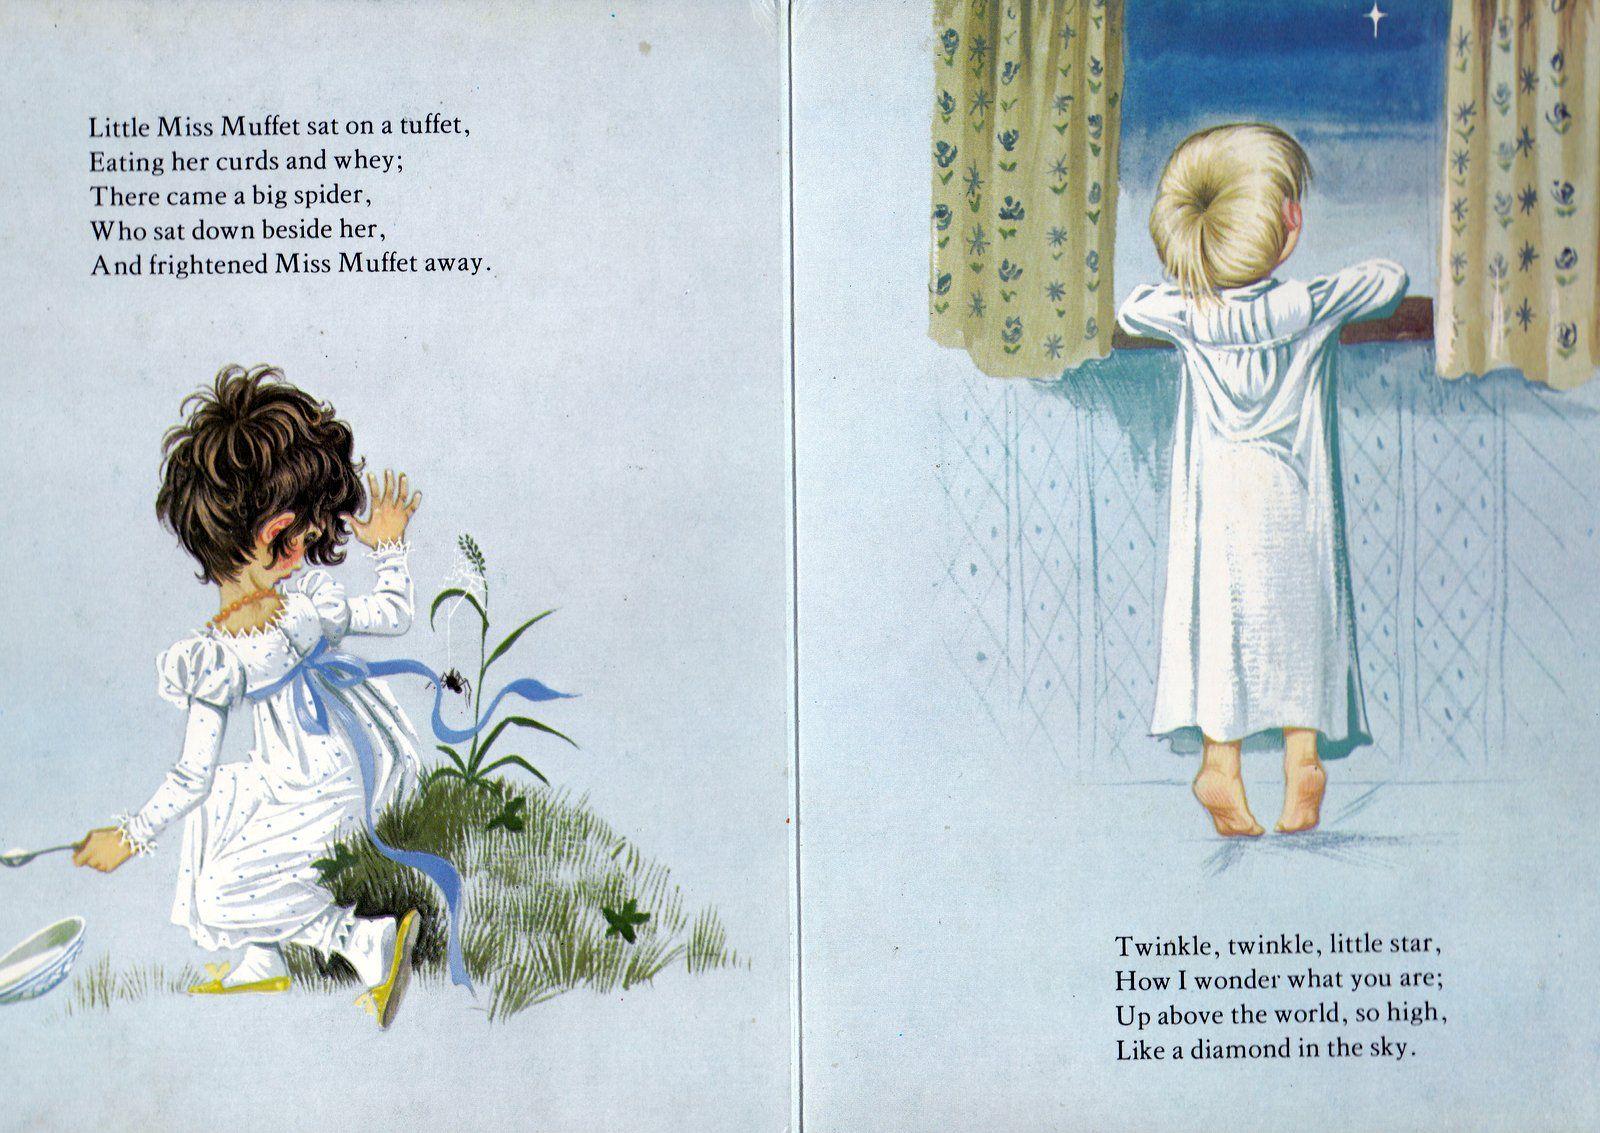 Little Miss Maffet & Twinkle, Twinkle, little star (1600×1133)